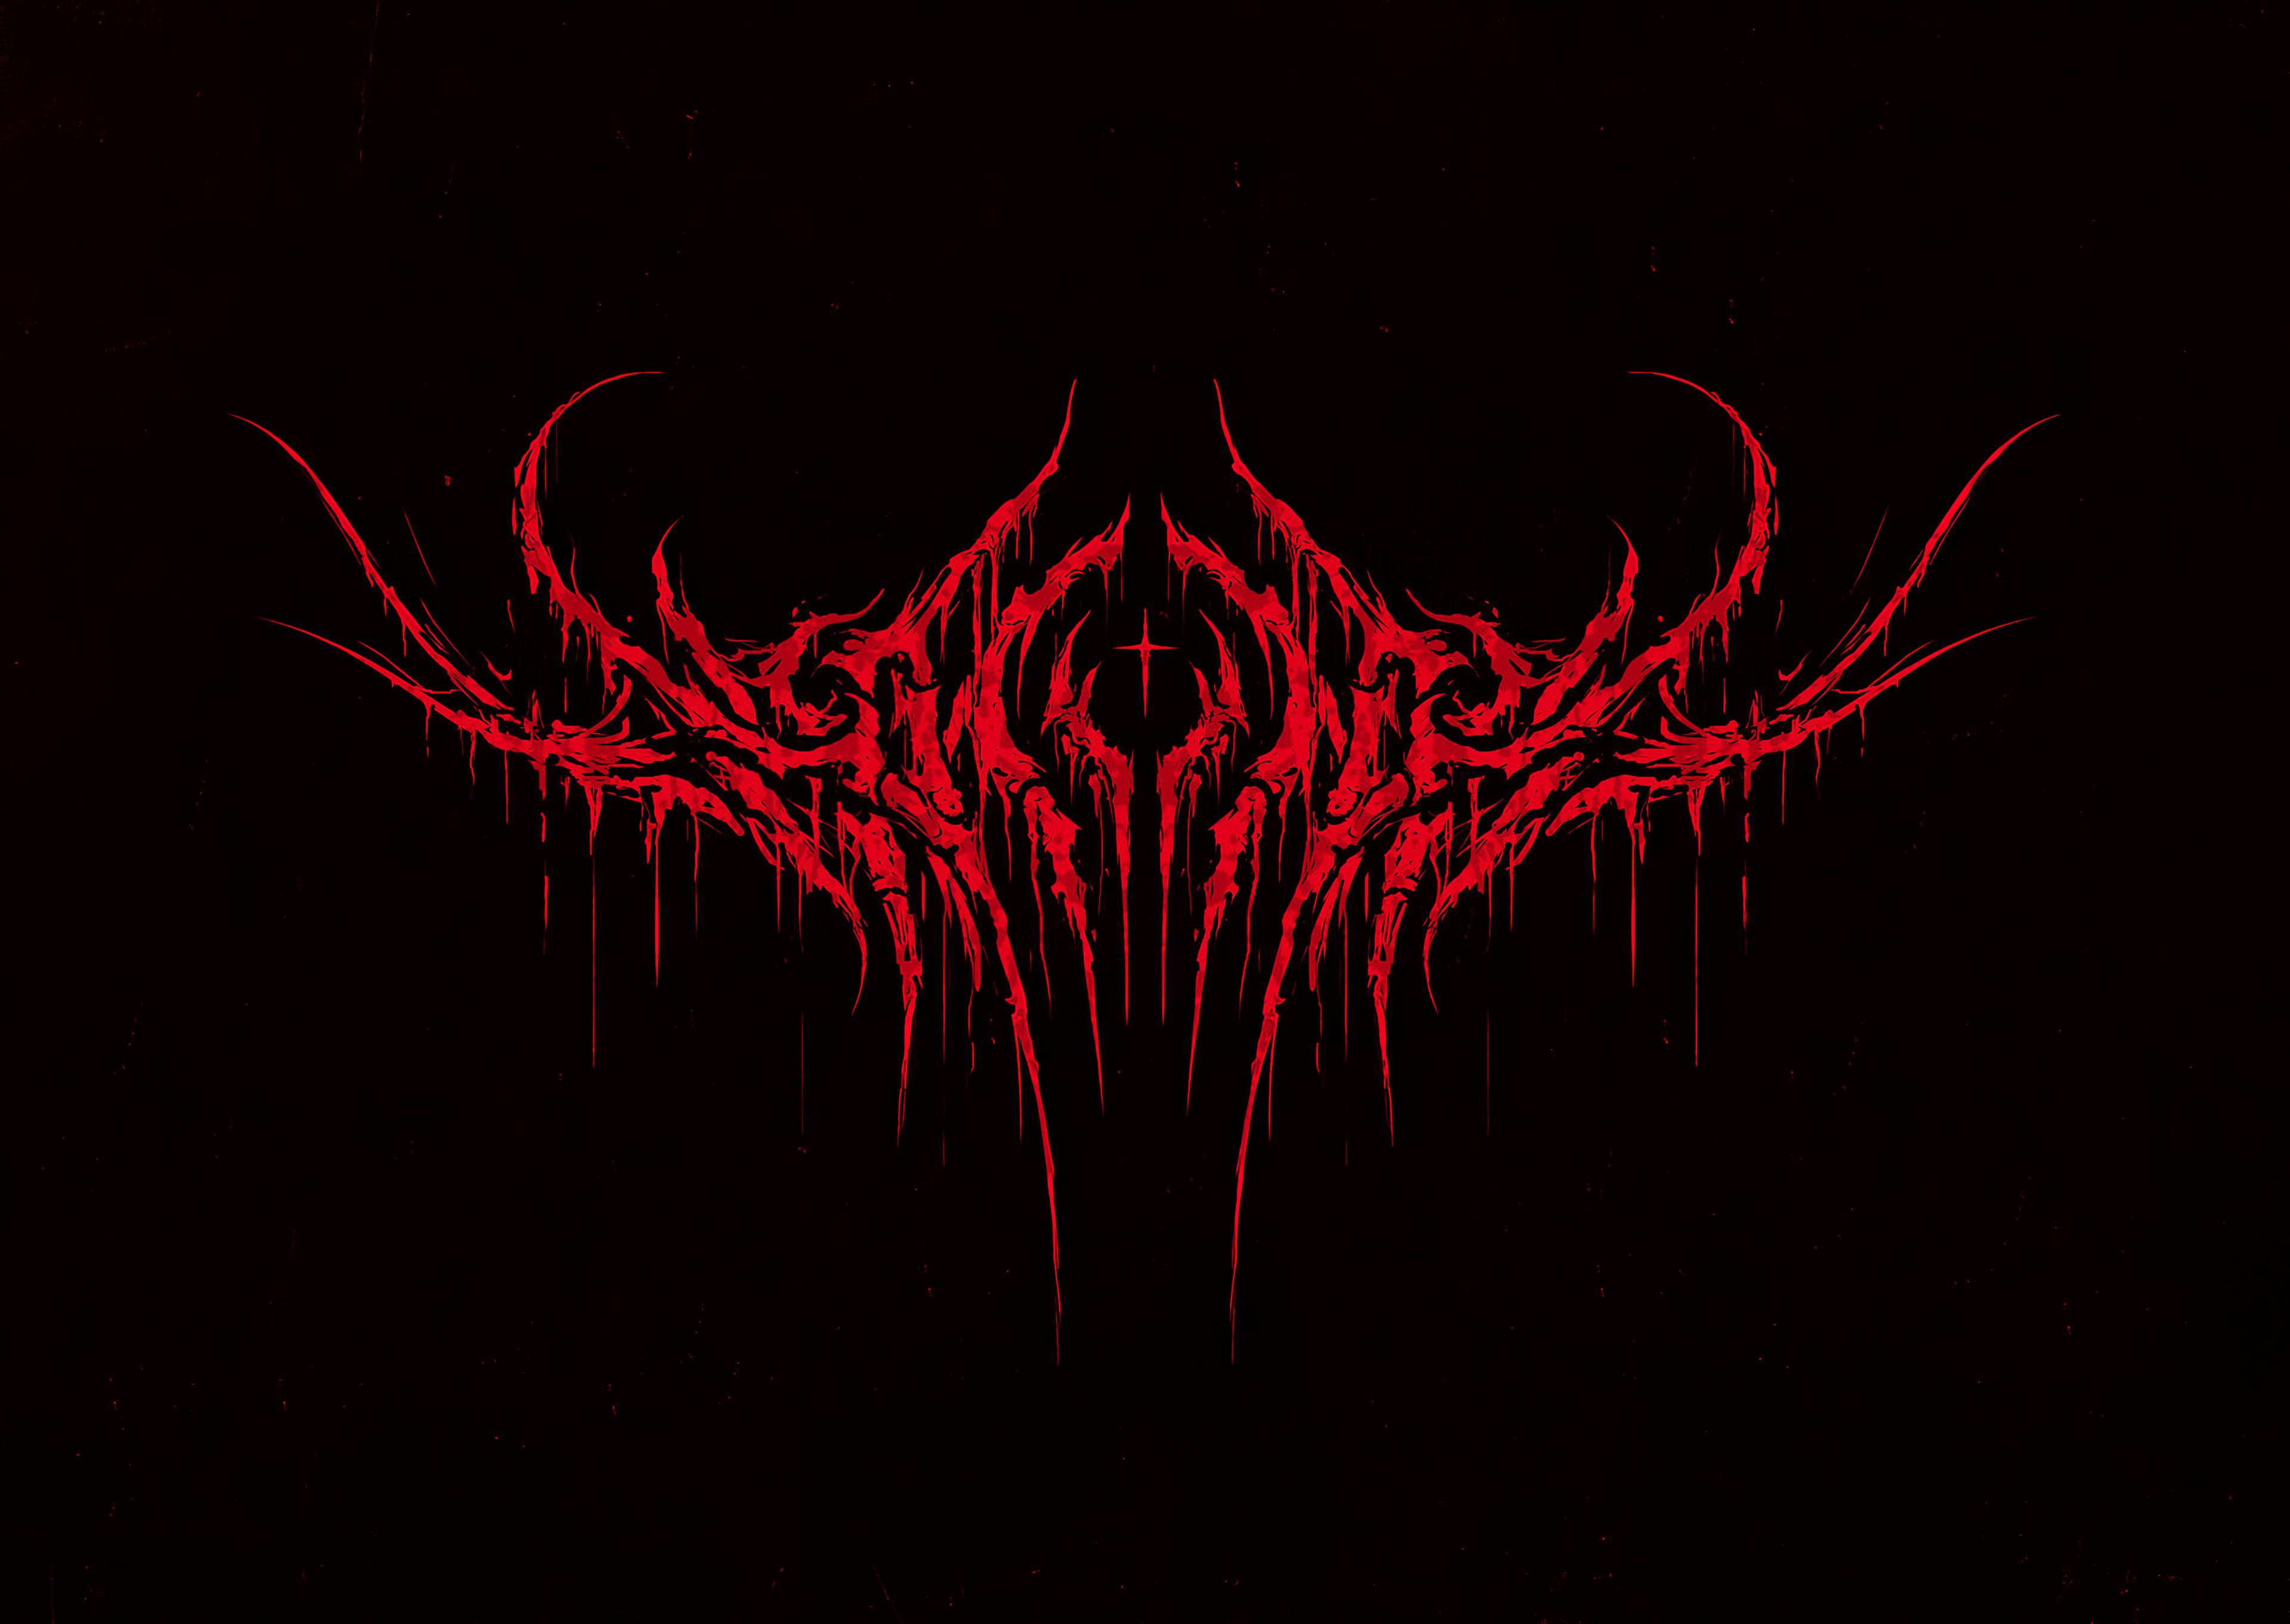 Wallpaper 4k Shining Hollow Black Metal Logo